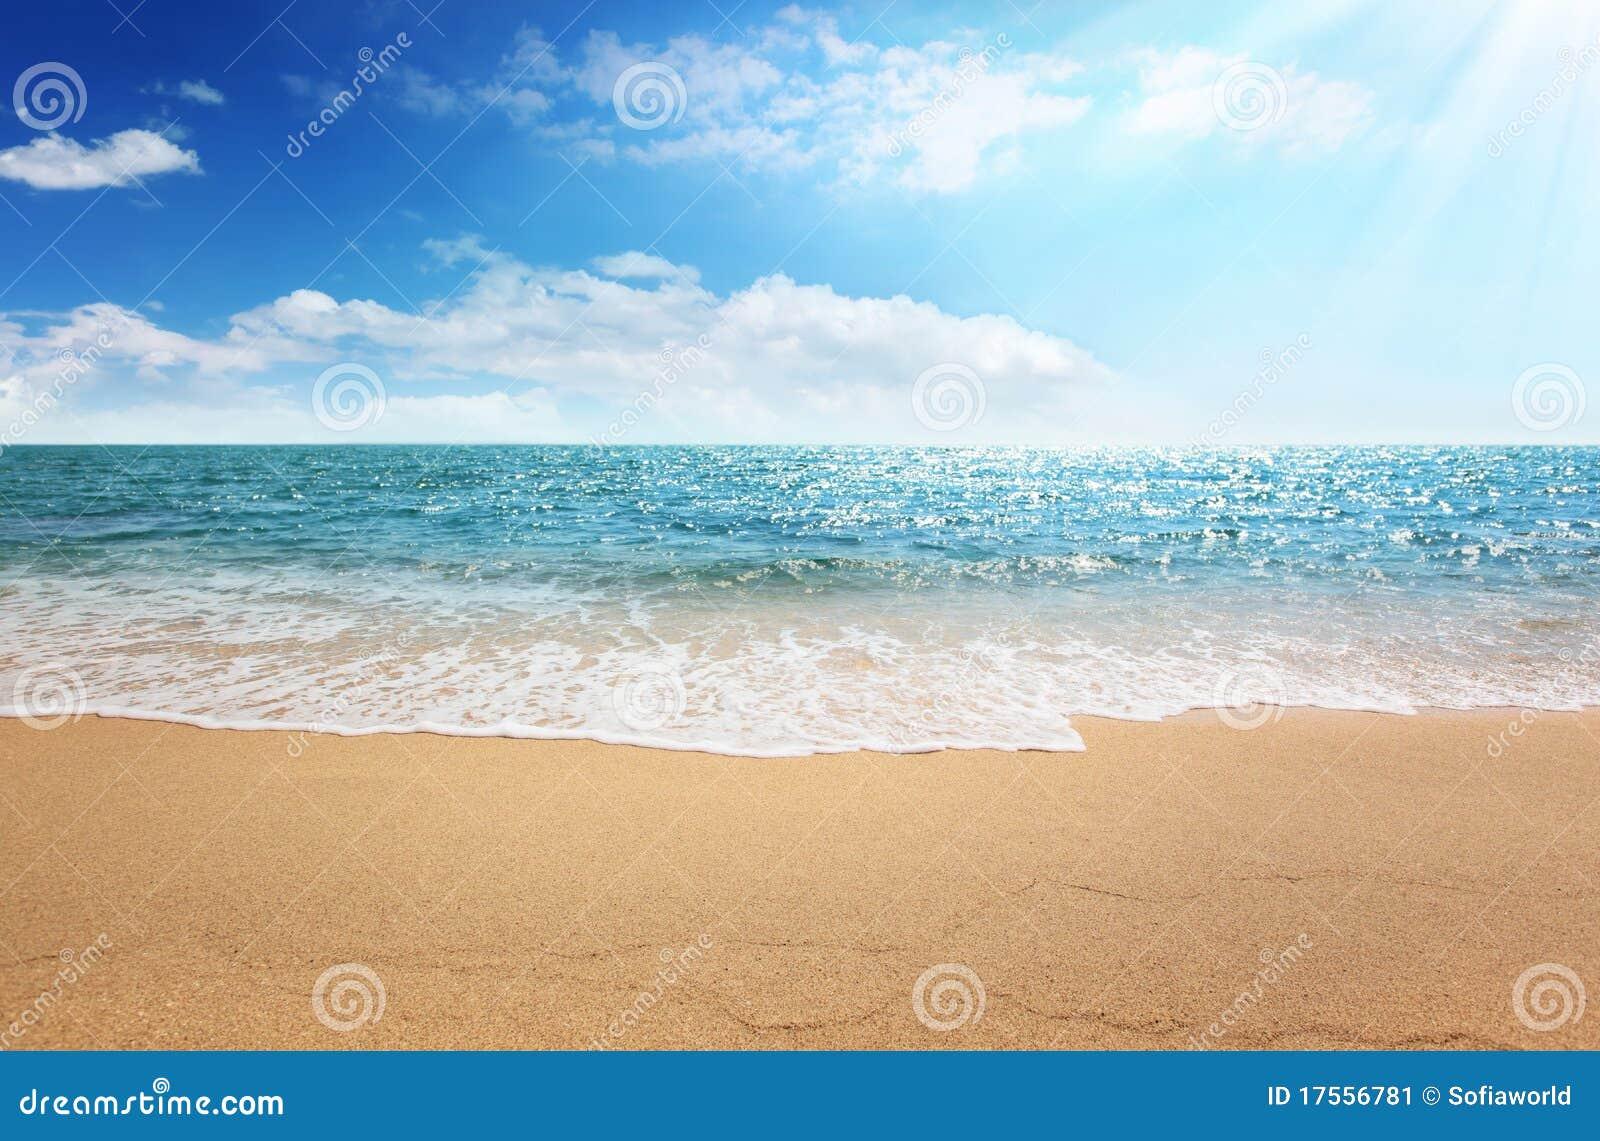 Playa de la arena y mar tropical